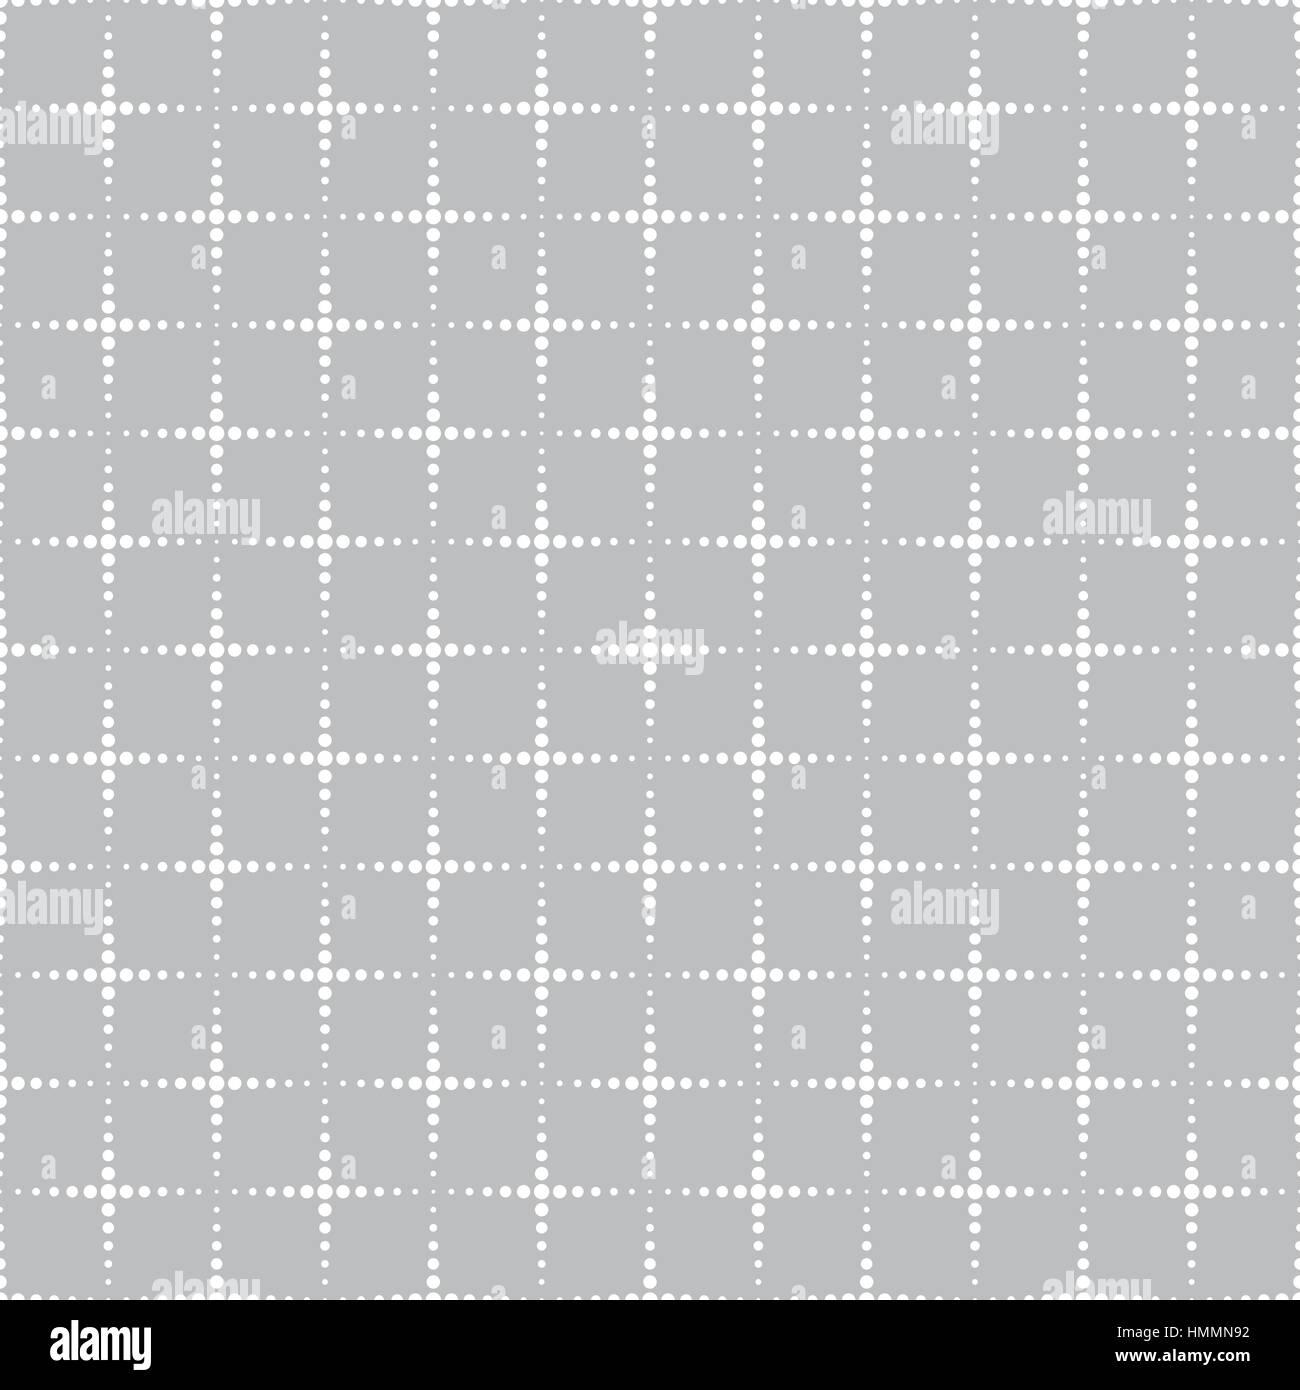 Patrón sin fisuras. Textura geométrica con cuadrados punteados de ...